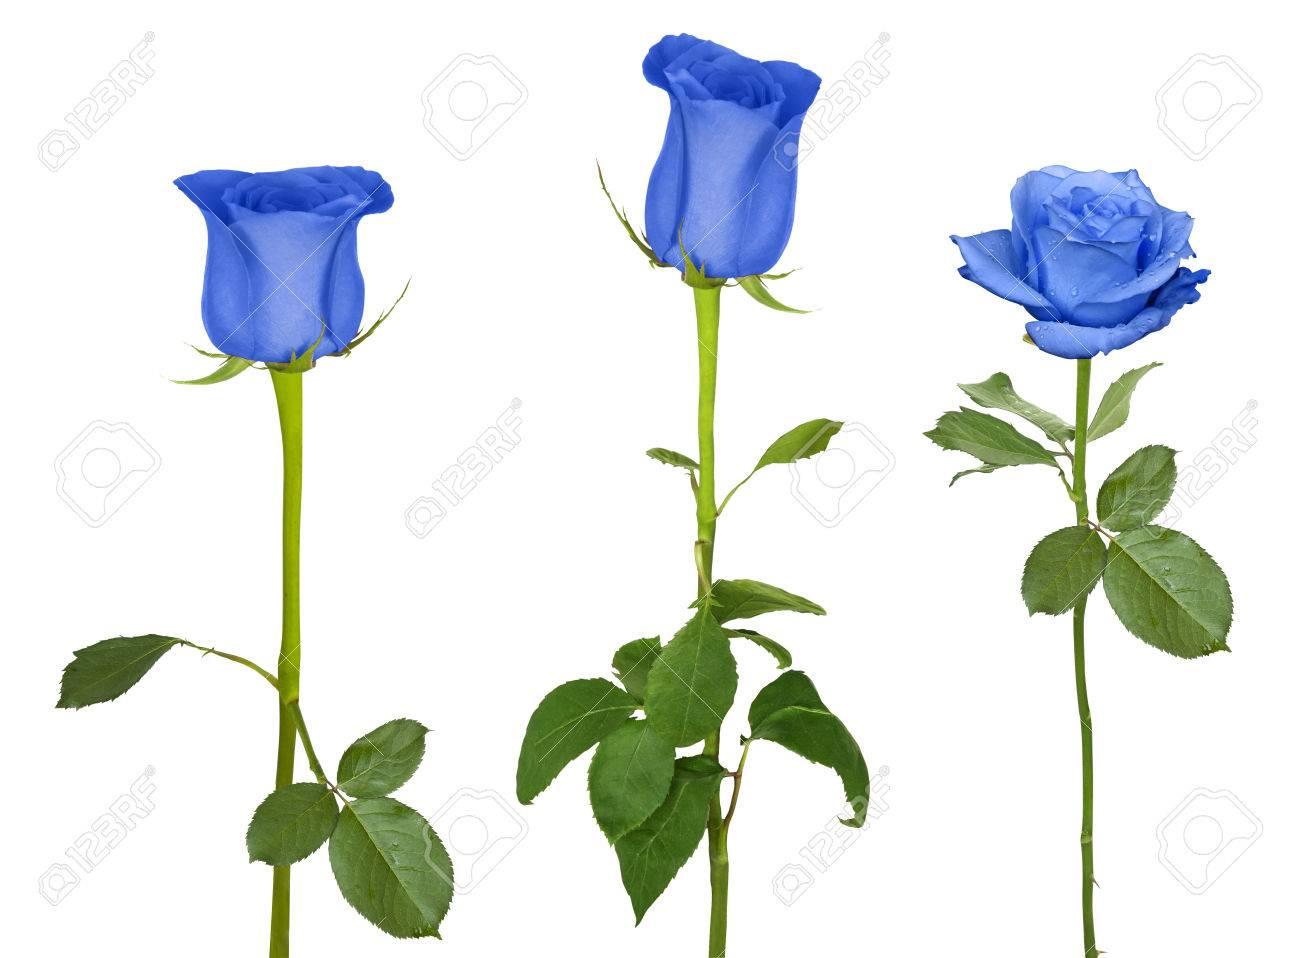 Belle Image Rose Bleu belle rose bleu isolé sur fond blanc banque d'images et photos